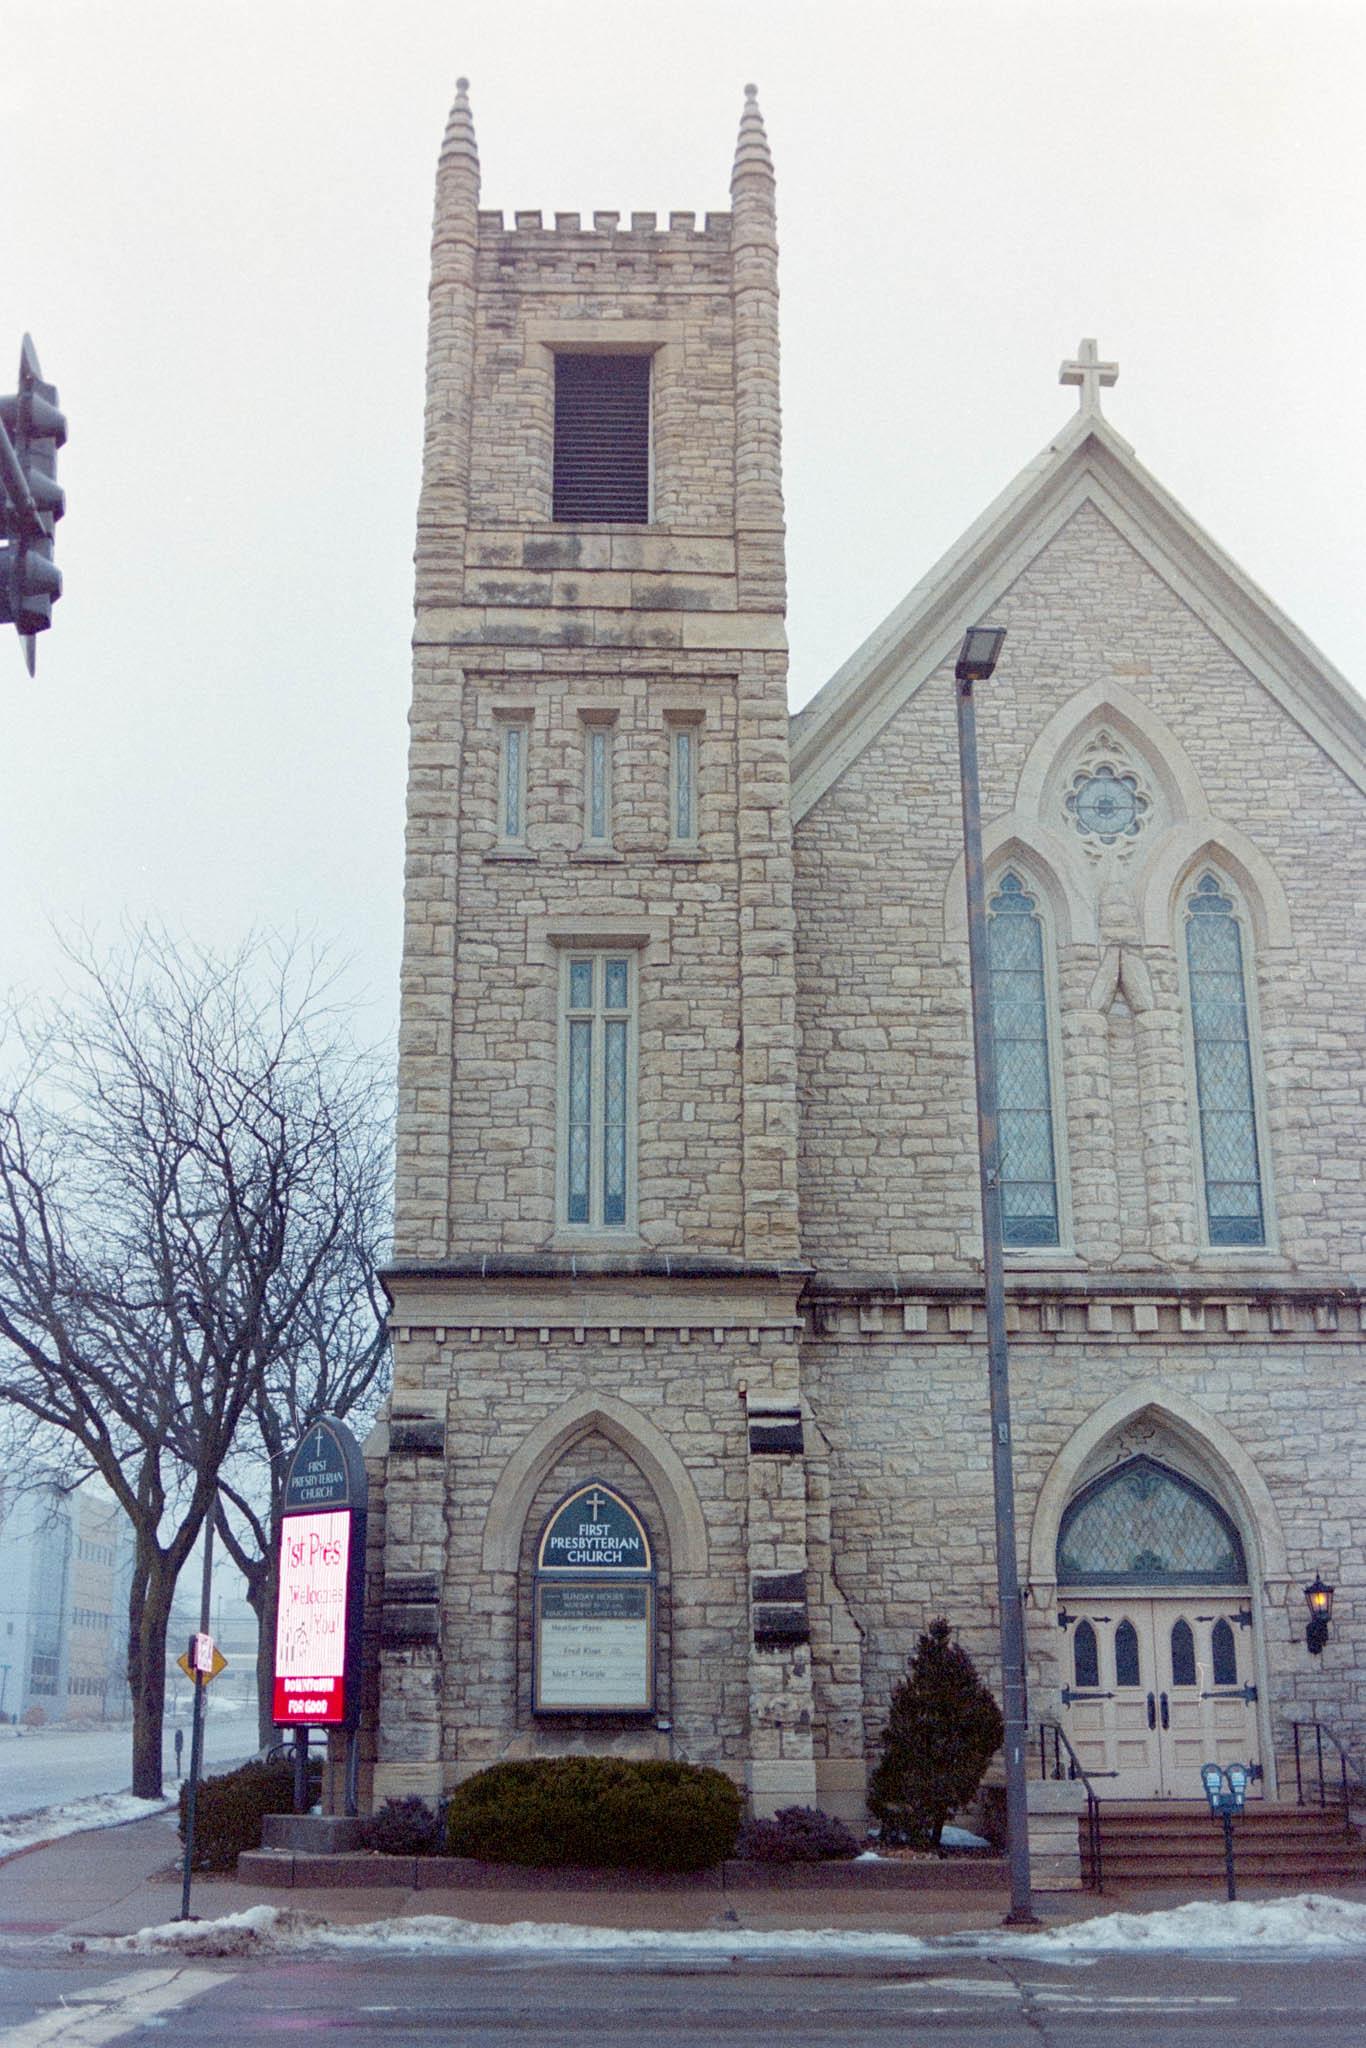 First Presbyterian Church, downtown Cedar Rapids on a foggy winter day. Camera: Nikon N2020 with Fujifilm Superia 400